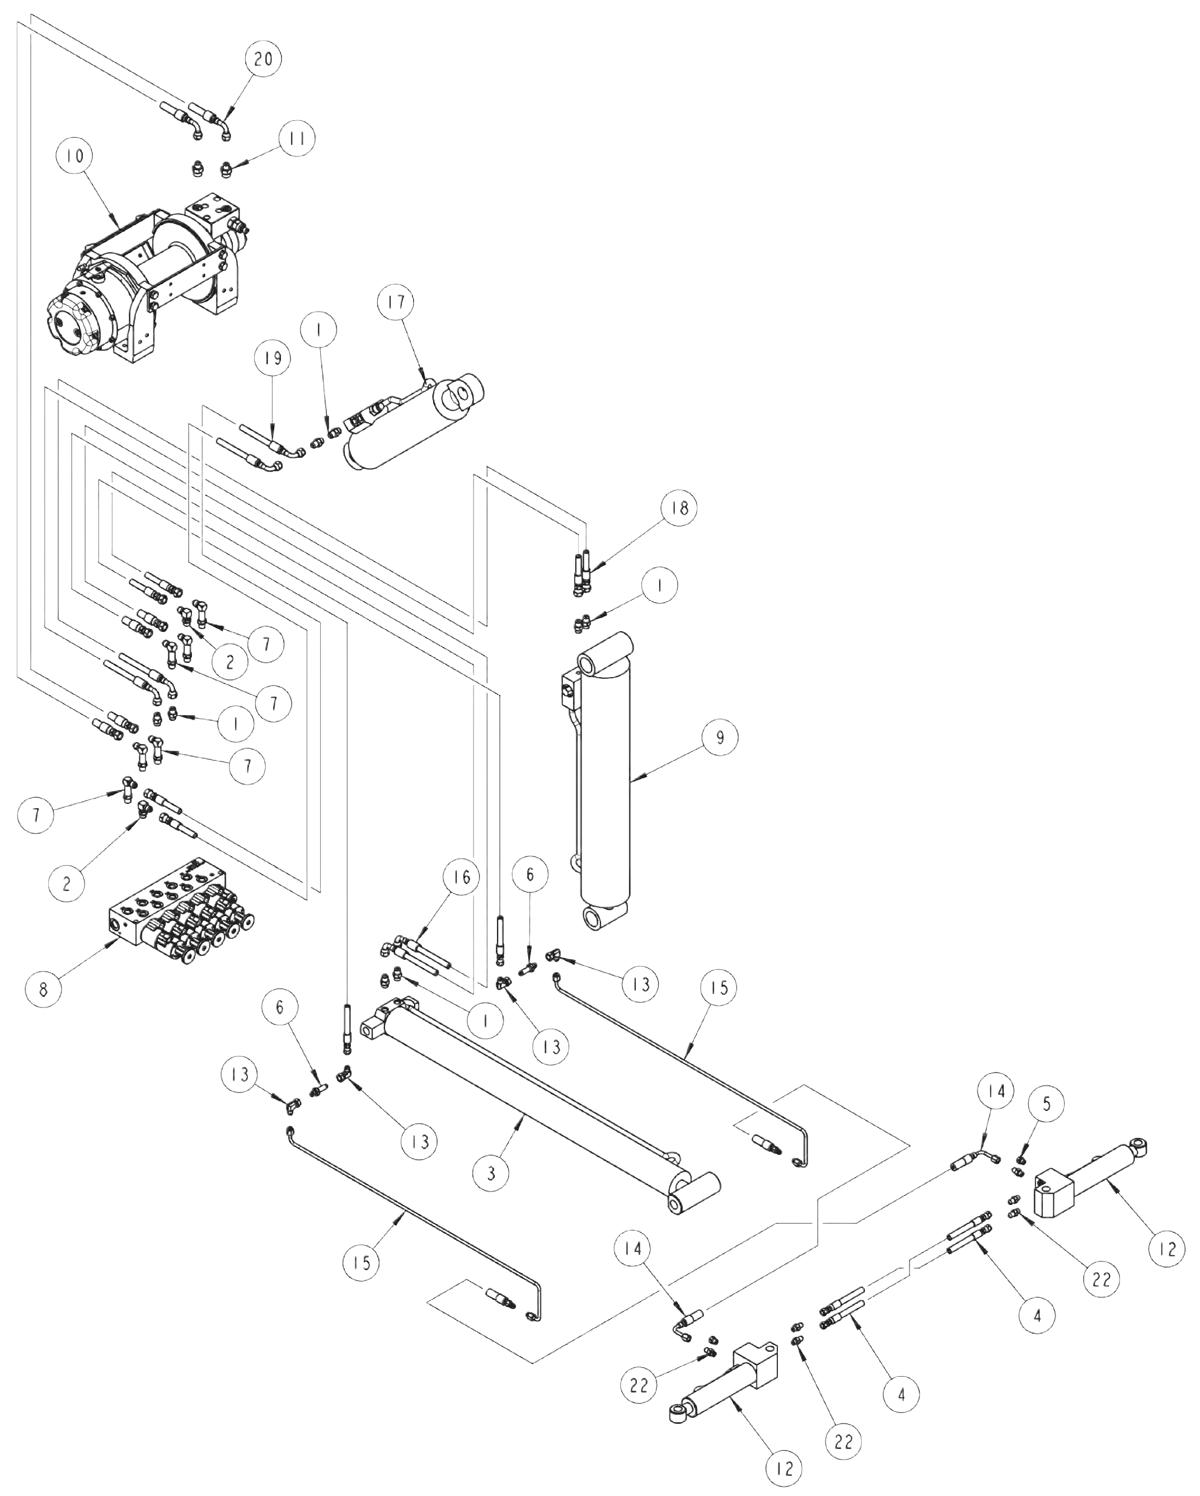 medium resolution of vulcan 810 hydraulic wiring diagram wiring library rh 10 codingcommunity de hydraulic pump circuit diagram hydraulic solenoid valve wiring diagram